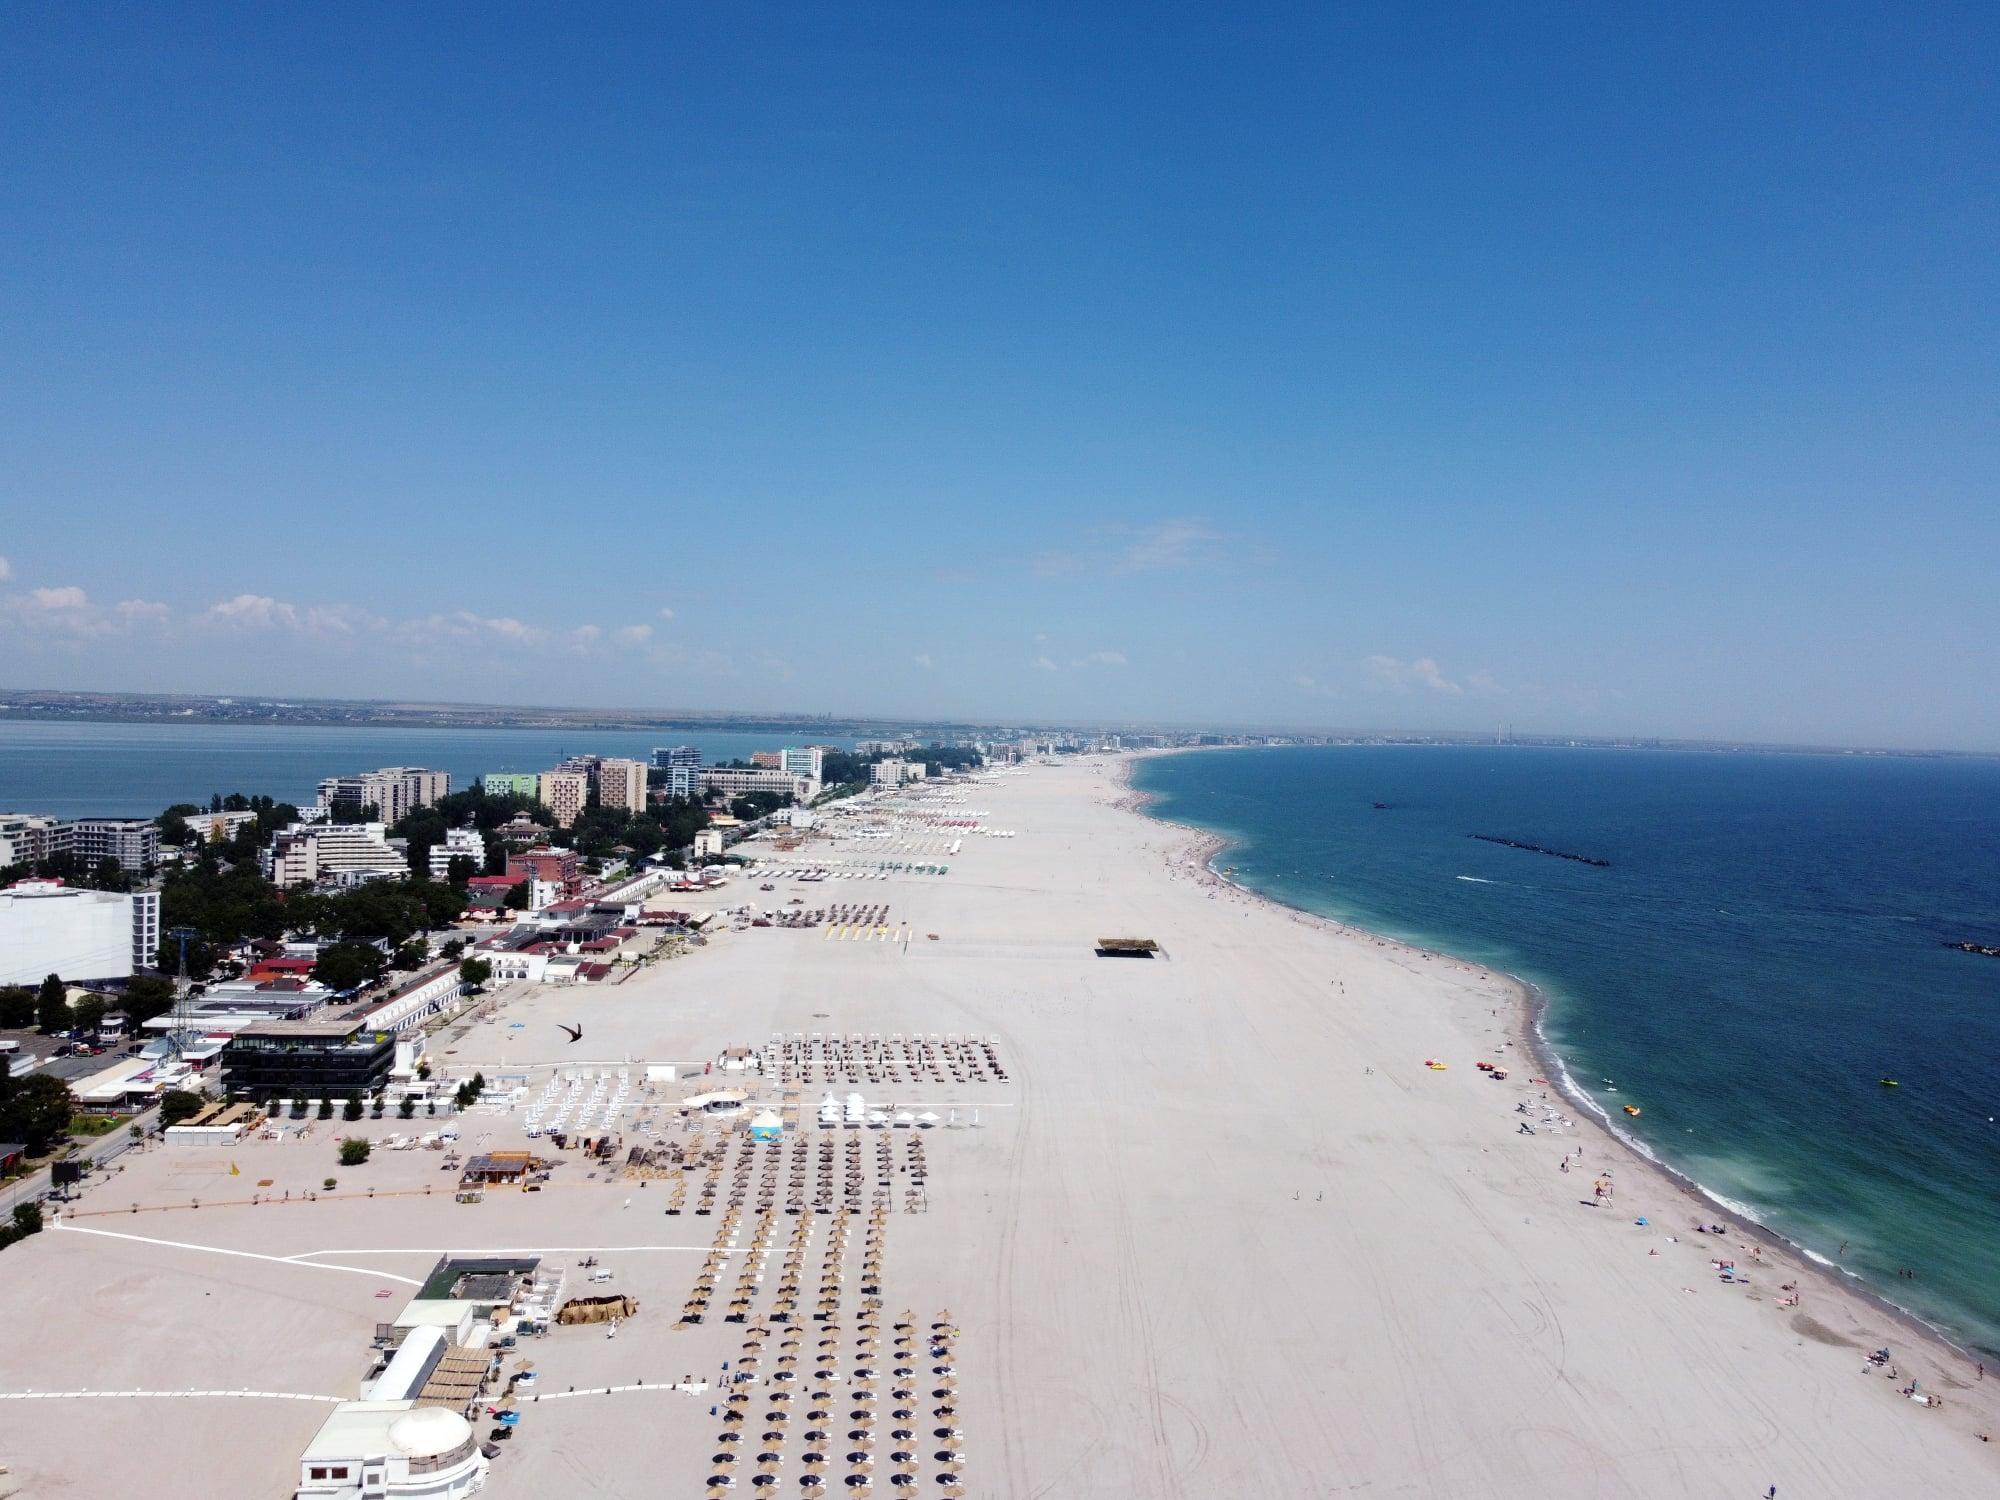 Plajele extinse sunt pline de reclamatii